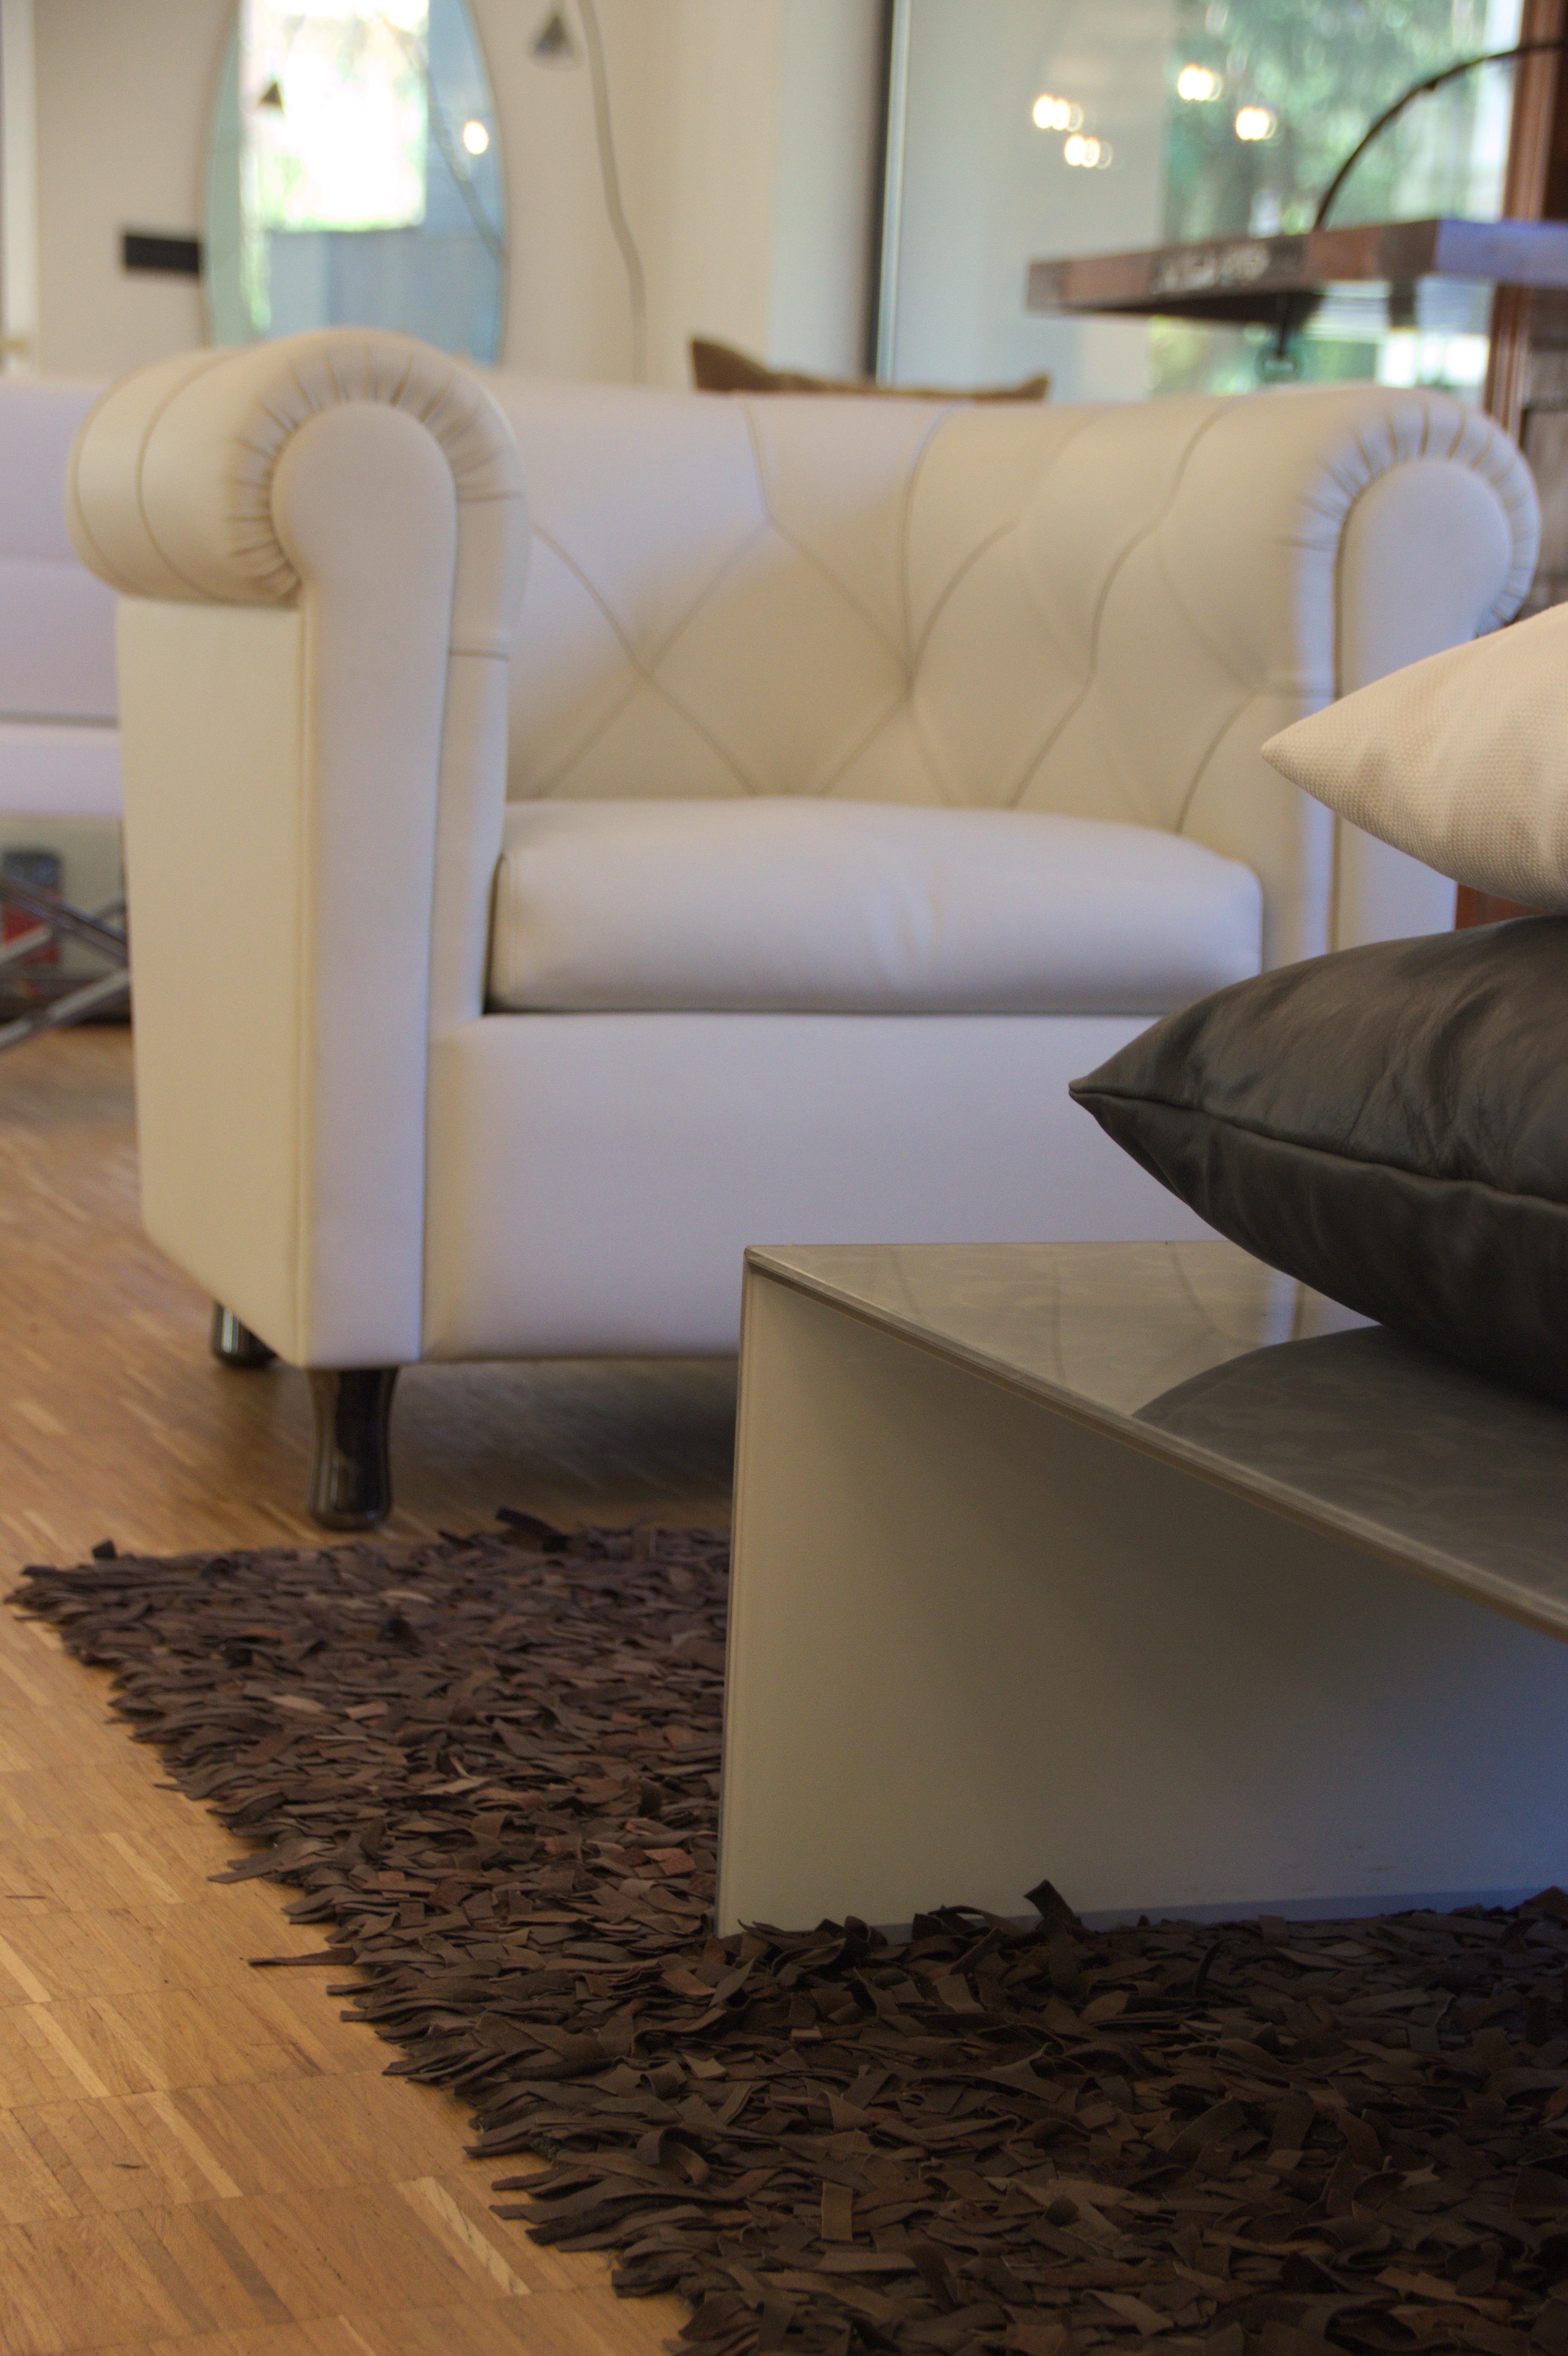 Showroom soggiorno arredamenti franzoni la spezia for Franzoni arredamenti